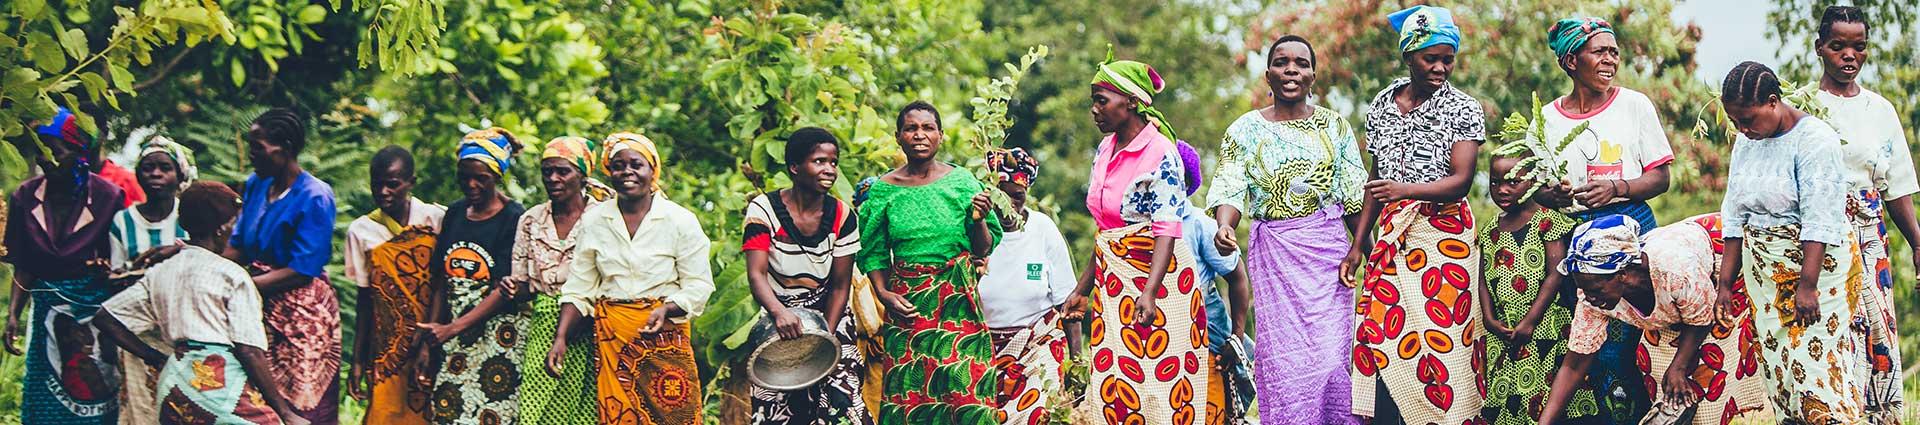 Group of Women from Malawi Field Program